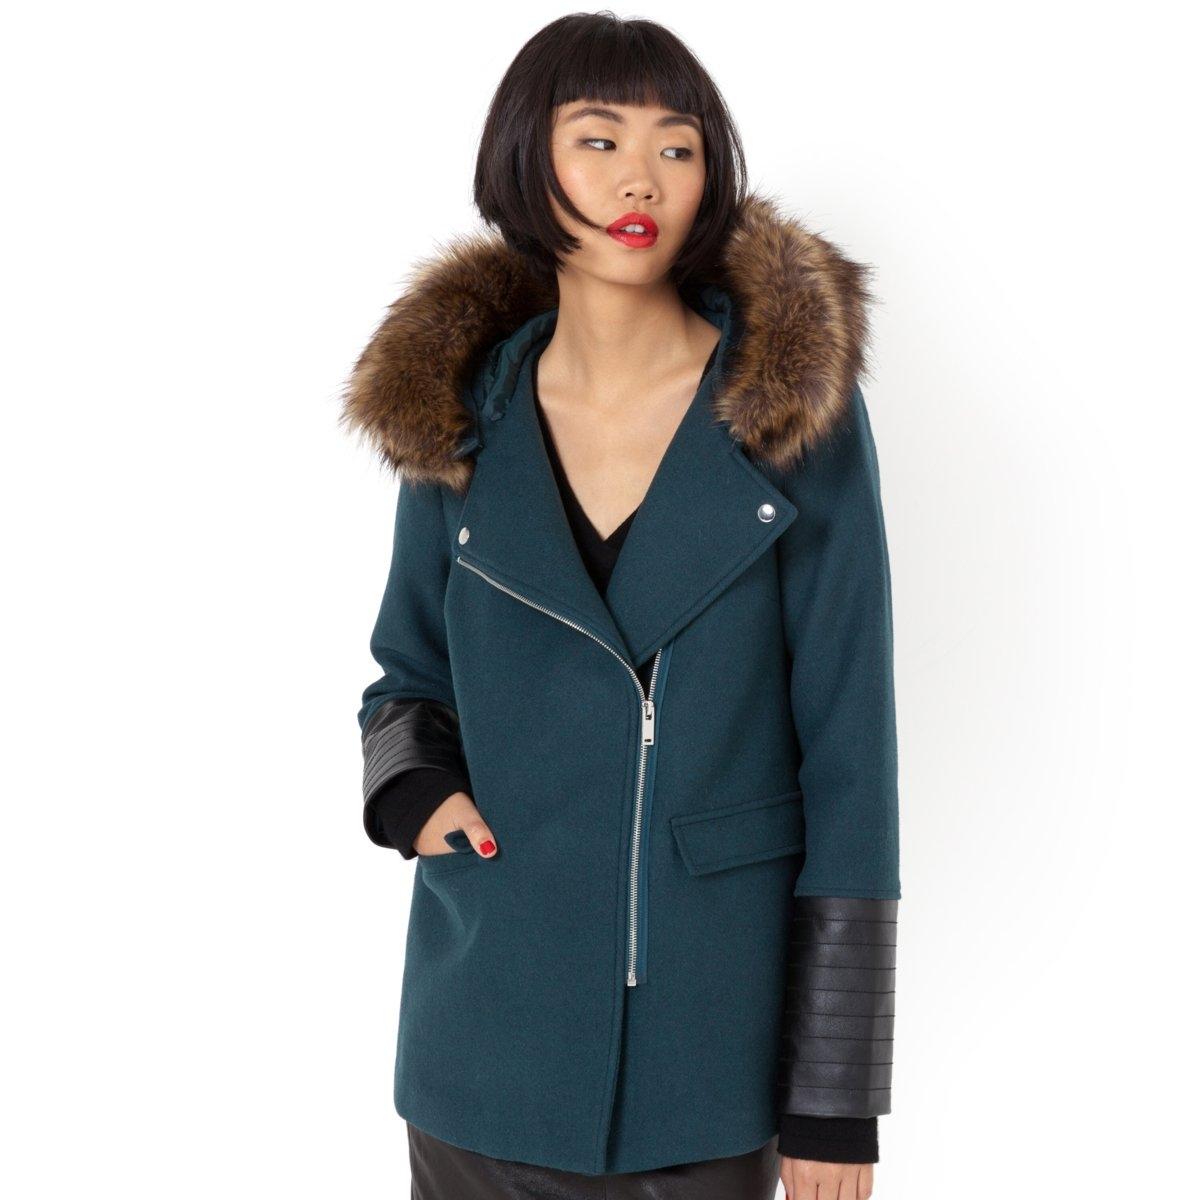 Пальто короткоеКороткое трапециевидное пальто с капюшоном. 55% шерсти, 35% полиэстера, 5% акрила, 5% других волоко для варианта в черном цвете, и 50% шерсти, 40% полиэстера, 6% акрила, 4% других волокон для варианта в зеленом цвете. 2 кармана с клапанами. Капюшон со съемным синтетическим мехом. Вставки из искусственной кожи. Длина 70 см.<br><br>Цвет: зеленый<br>Размер: 44 (FR) - 50 (RUS)